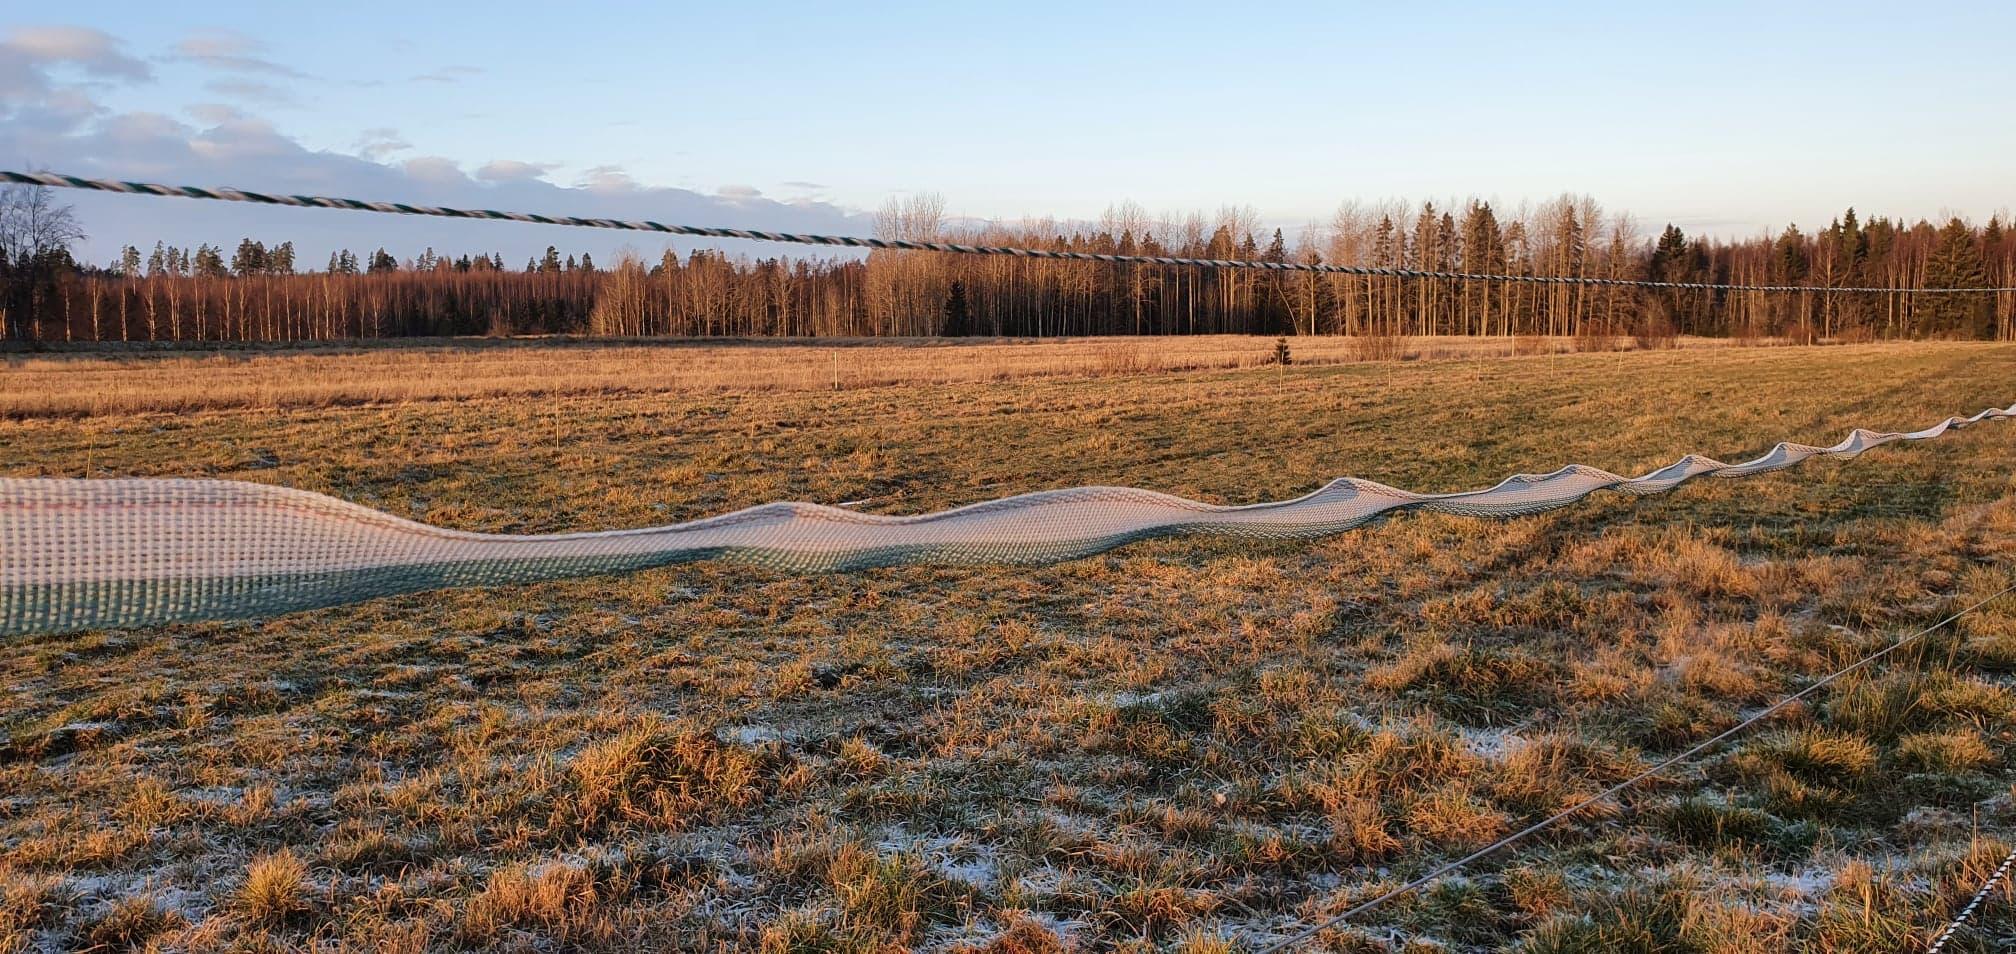 Sähköaidan kunnon selvittäminen kuvassa huonosti asennettu talvinauha Ollin blogissa ohjeet aidan ongelmien ratkaisuun